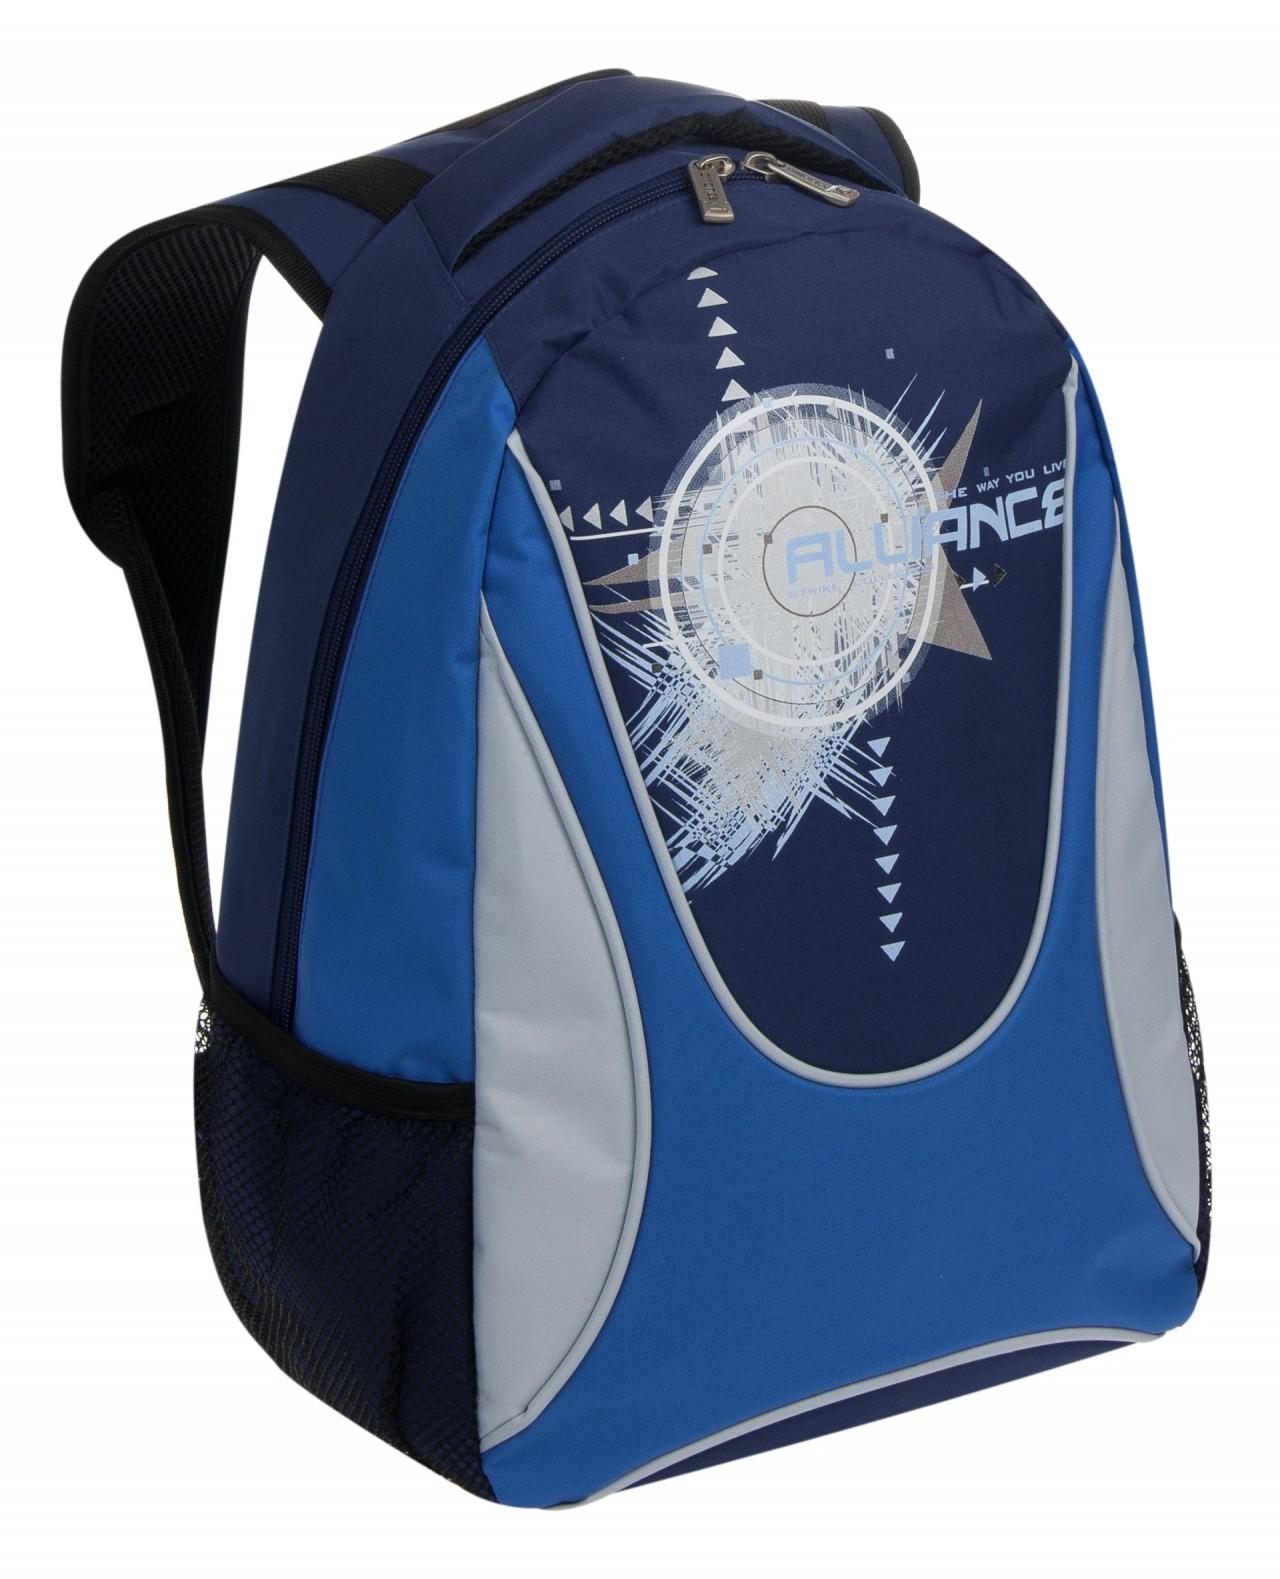 Рюкзак Alliance сине-голубой, светло-серый